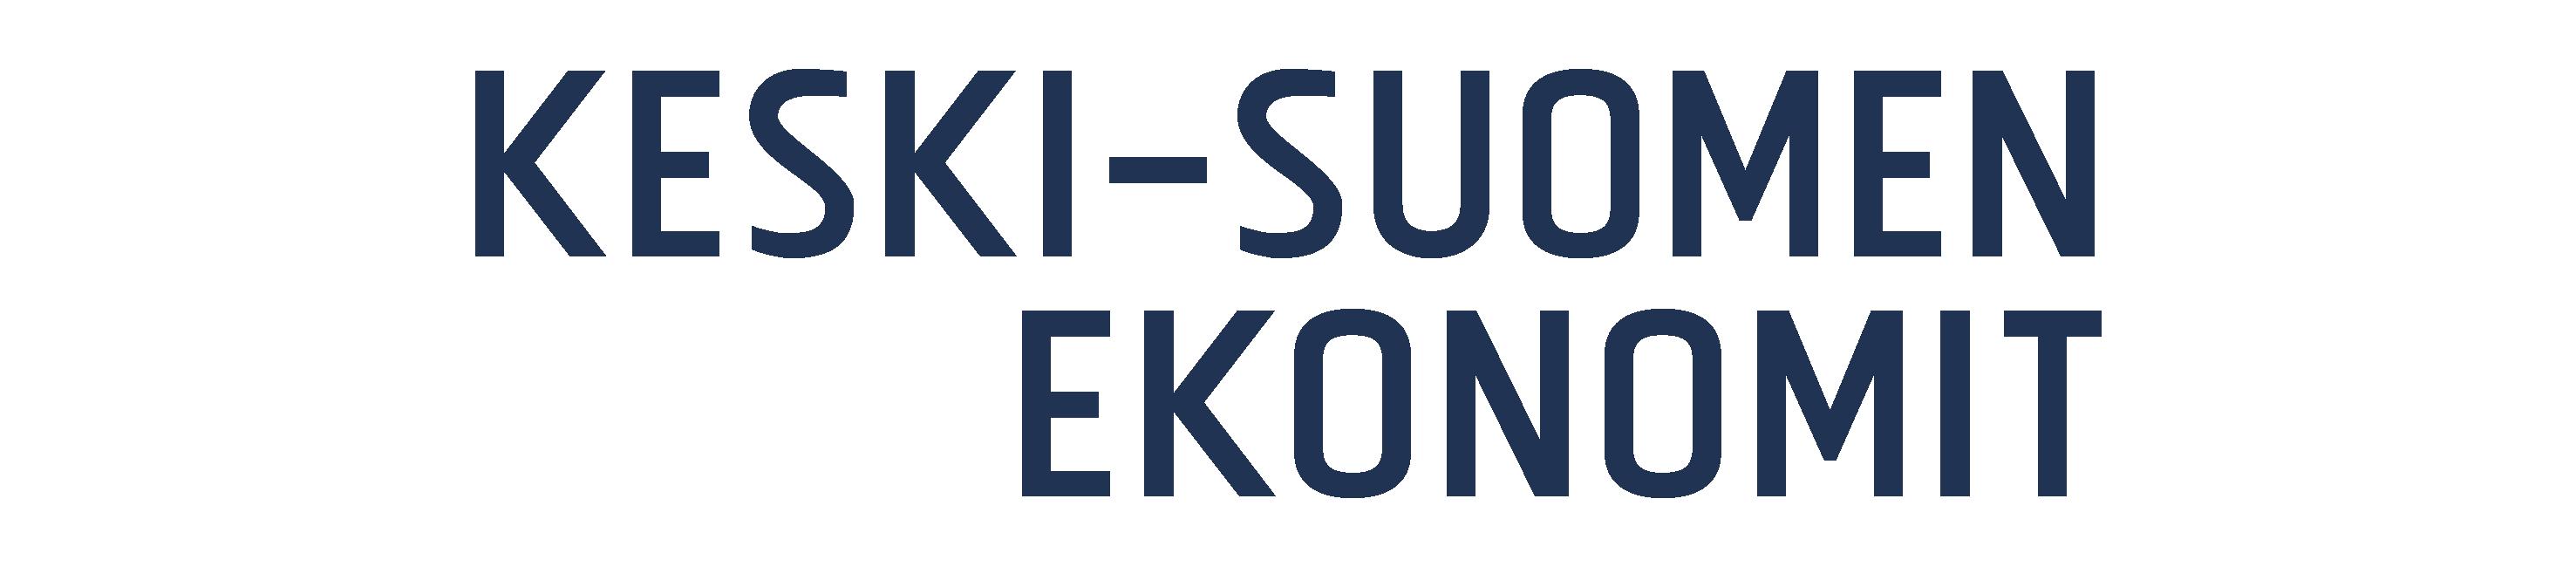 Keski-Suomen Ekonomit